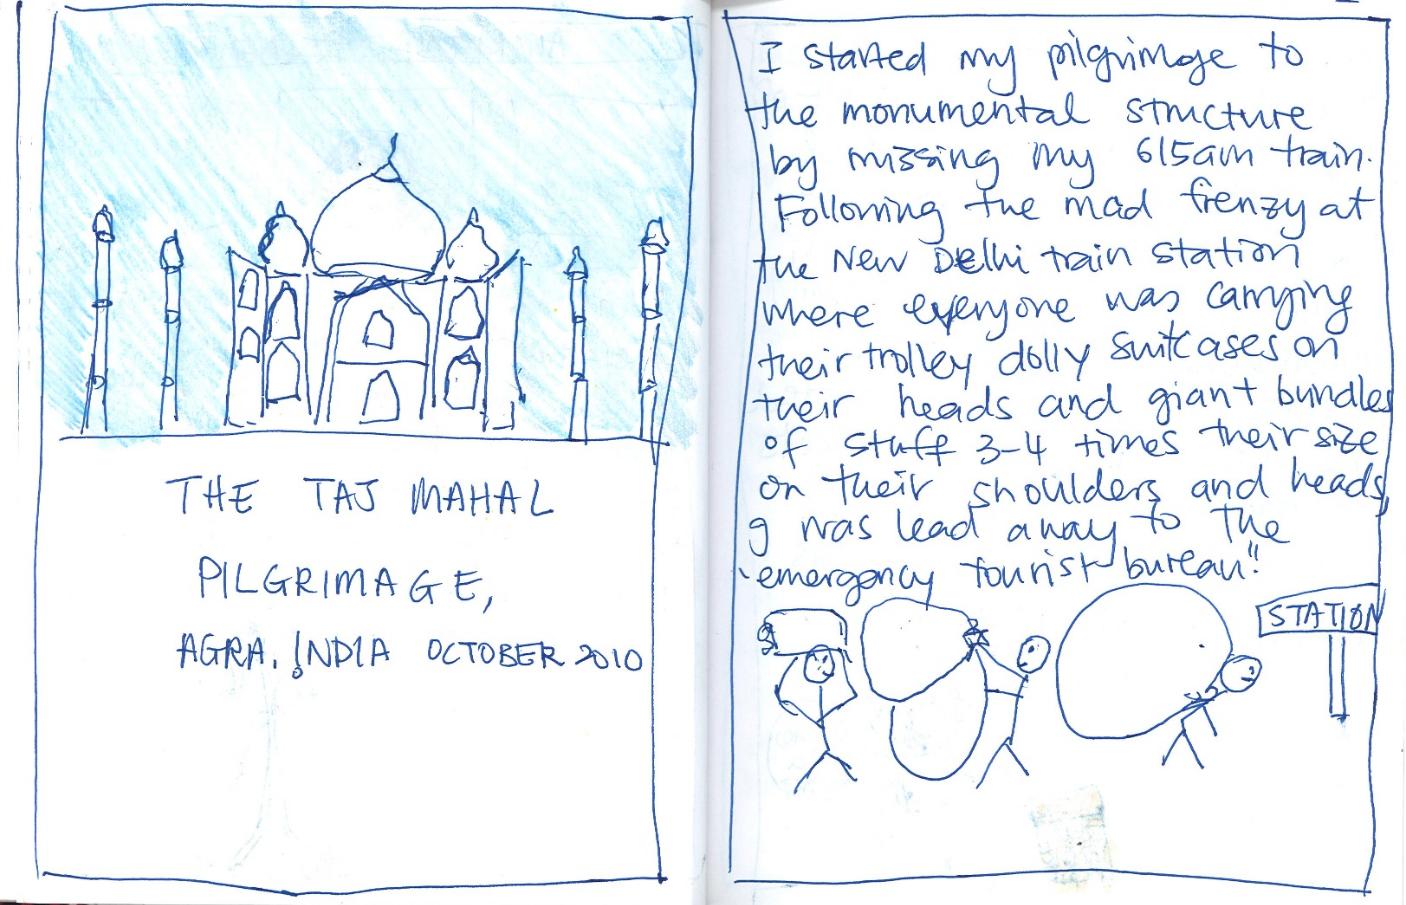 taj mahal short story